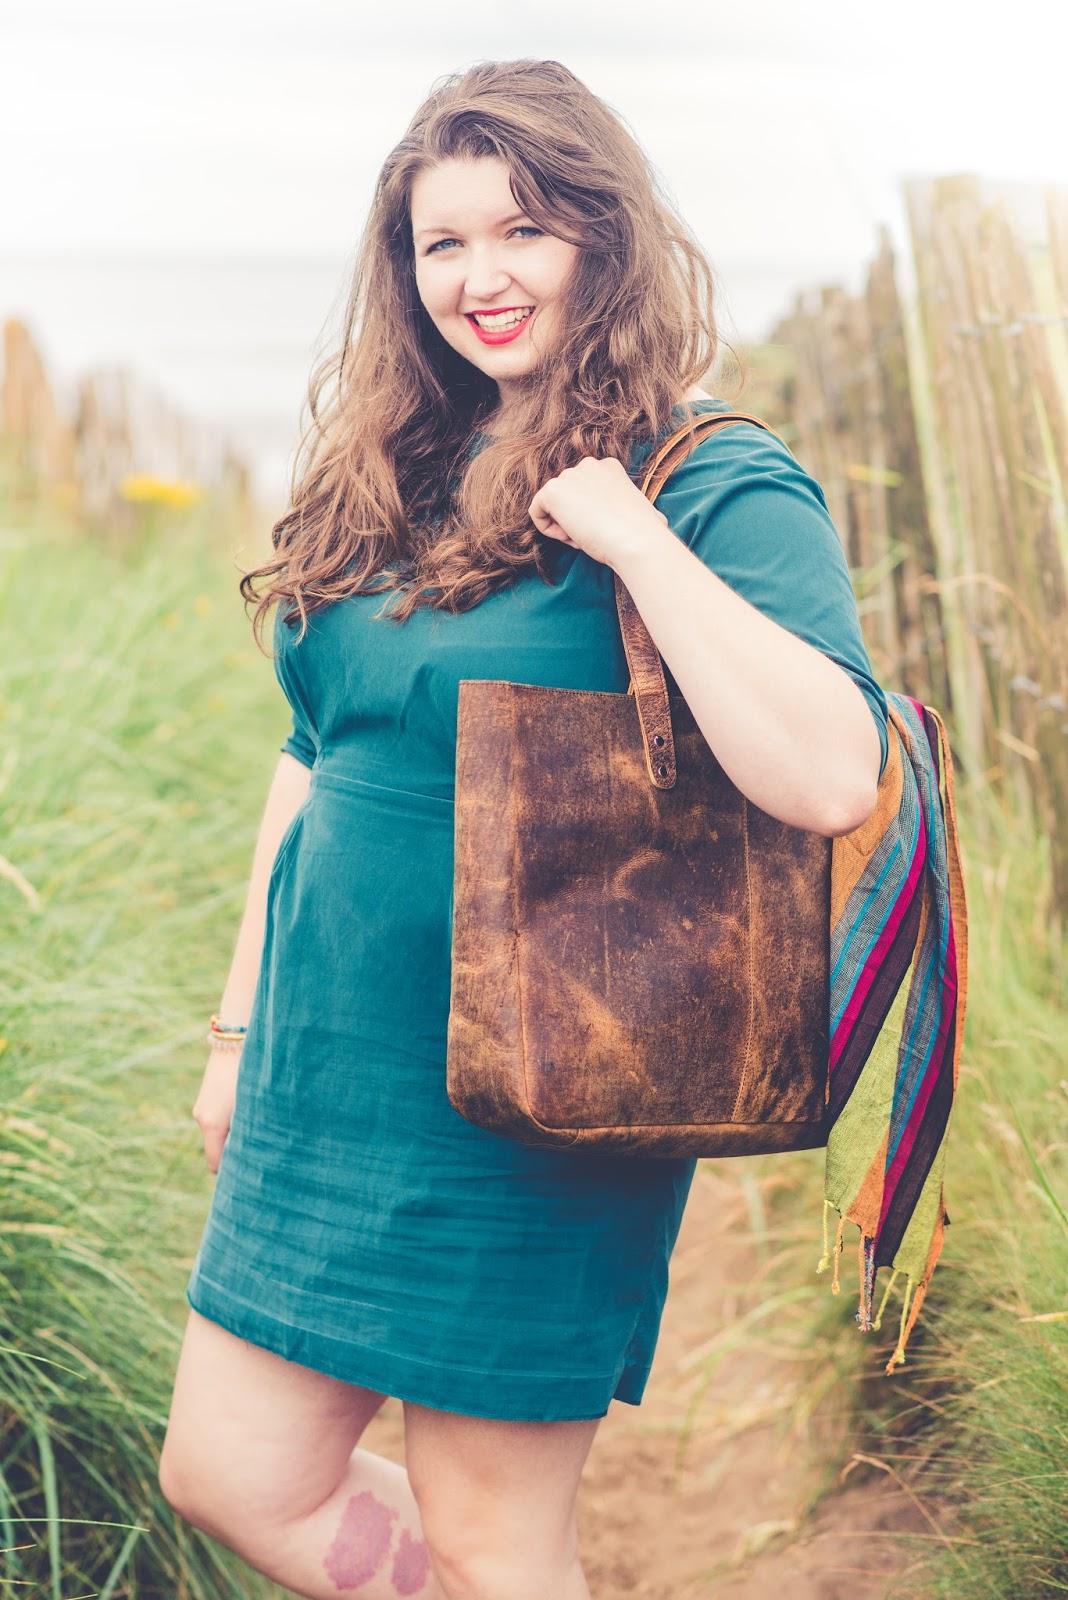 liquidgrain liquid grain Scaramanga Leather Shopper Tote Bag Review & Look